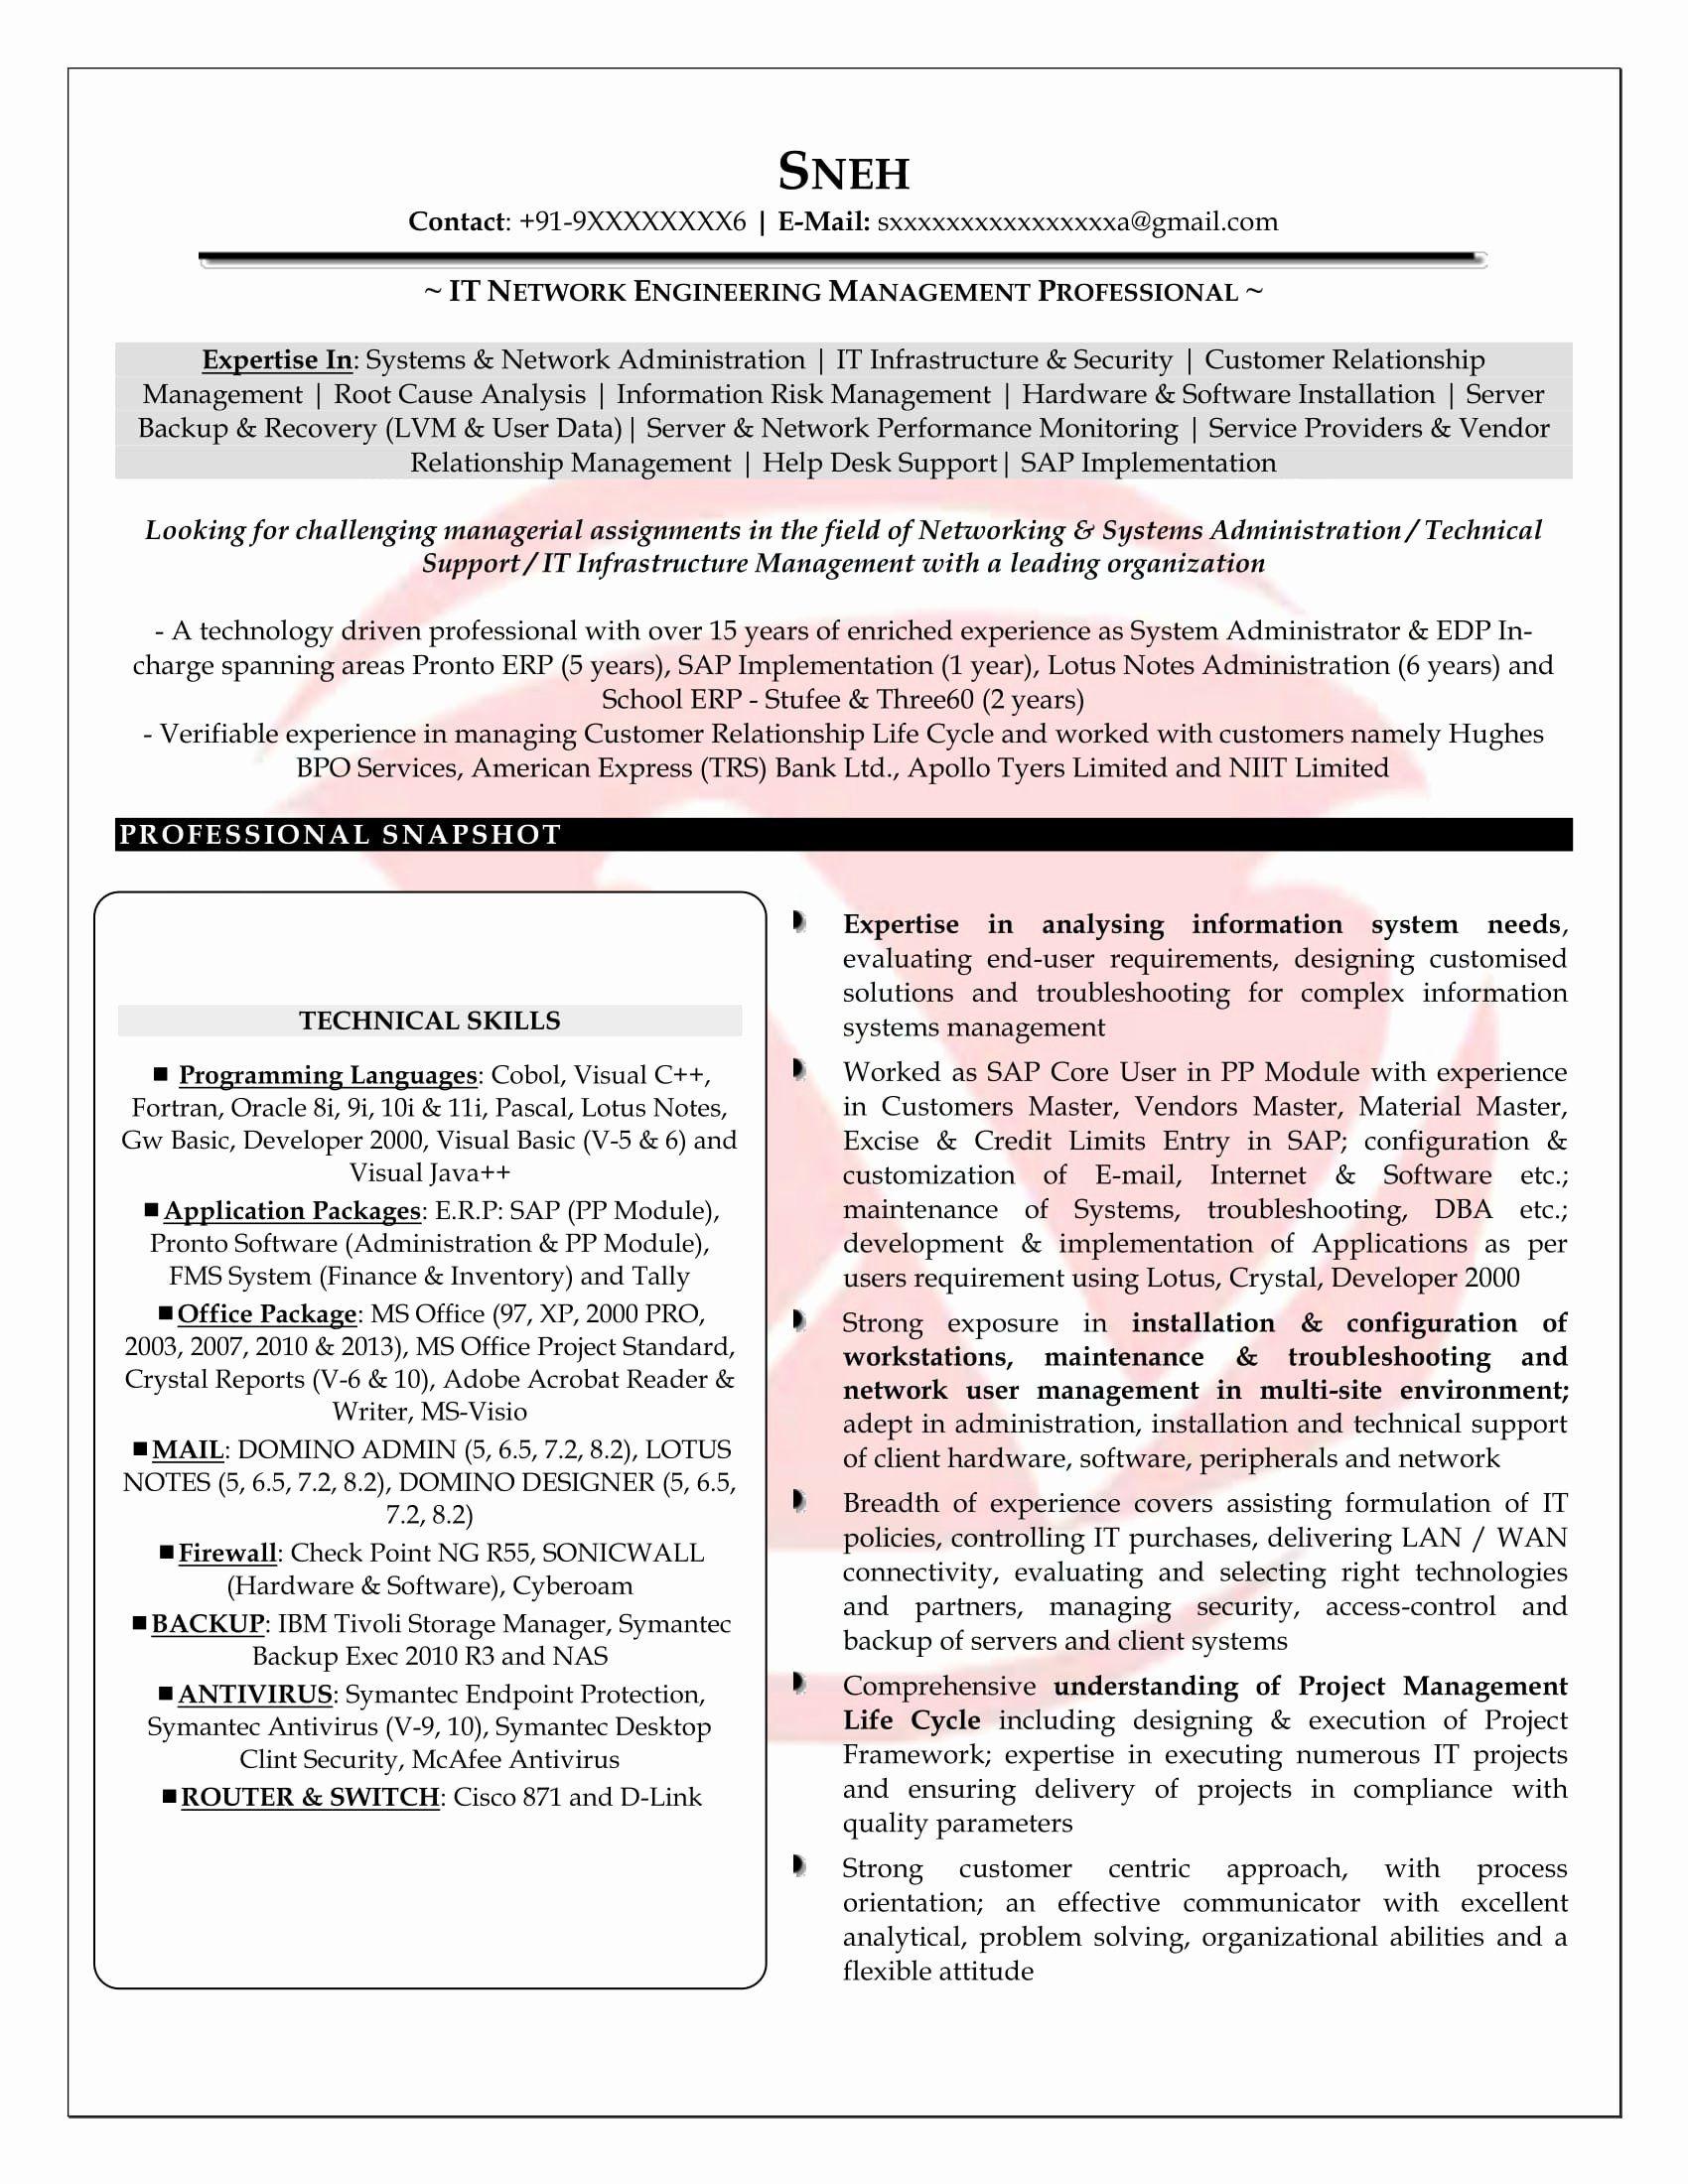 25 network engineer resume sample in 2020 job resume